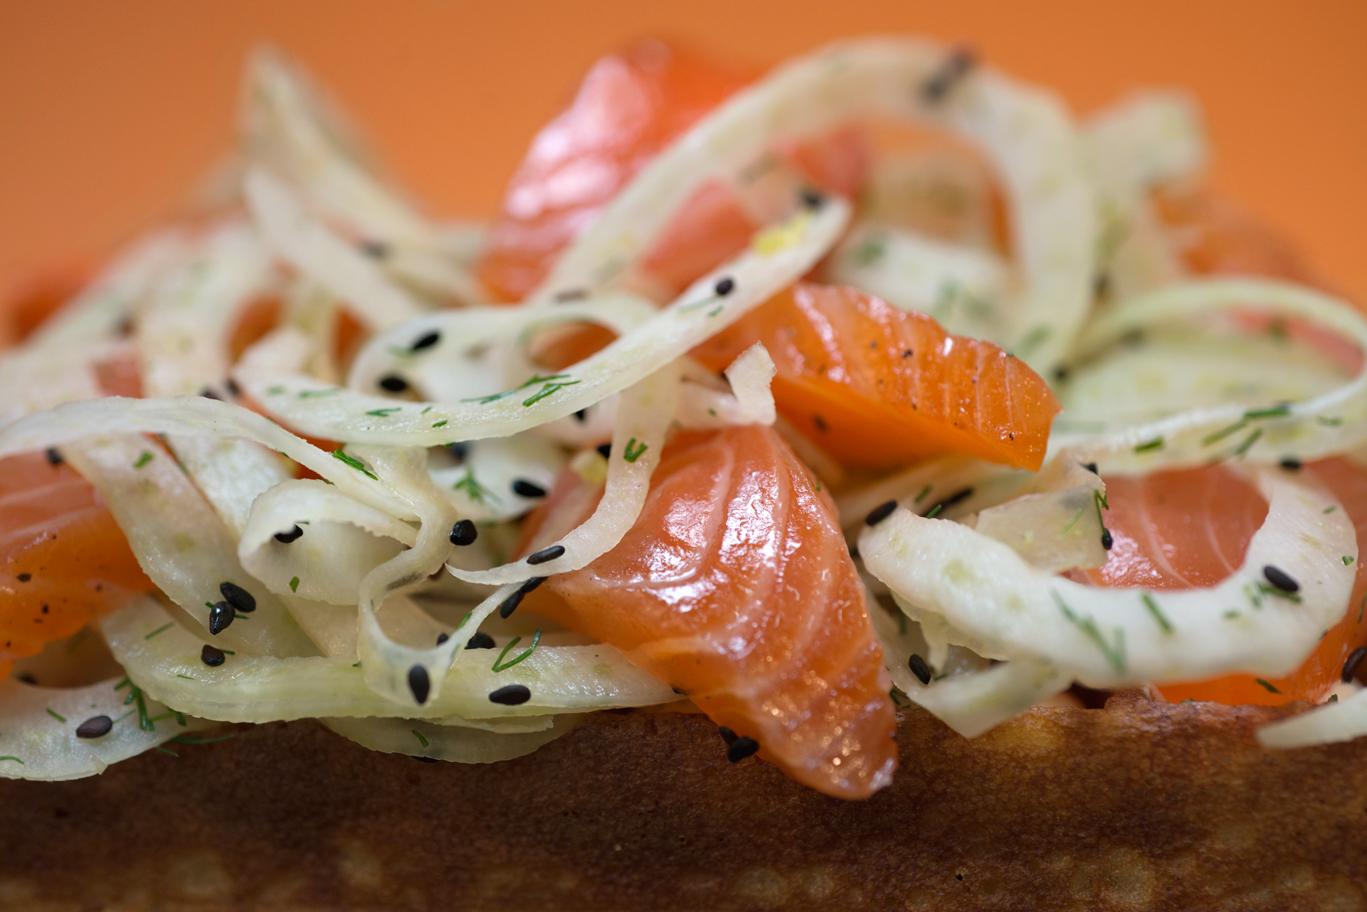 saumon-macro-2-web.jpg